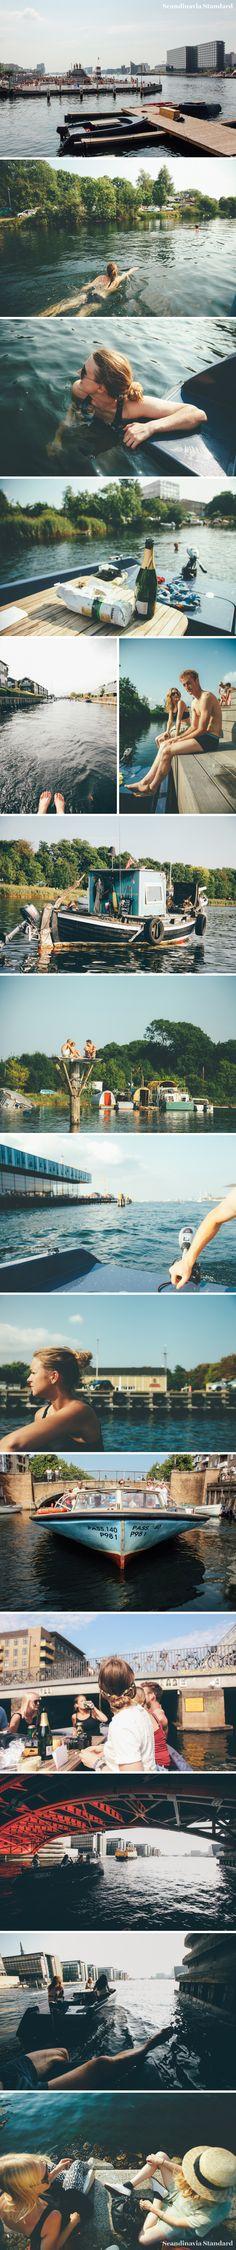 Let's go boating!! Exploring Copenahgen Harbour - SCANDI SIX Hidden Hangouts | Scandinavia Standard